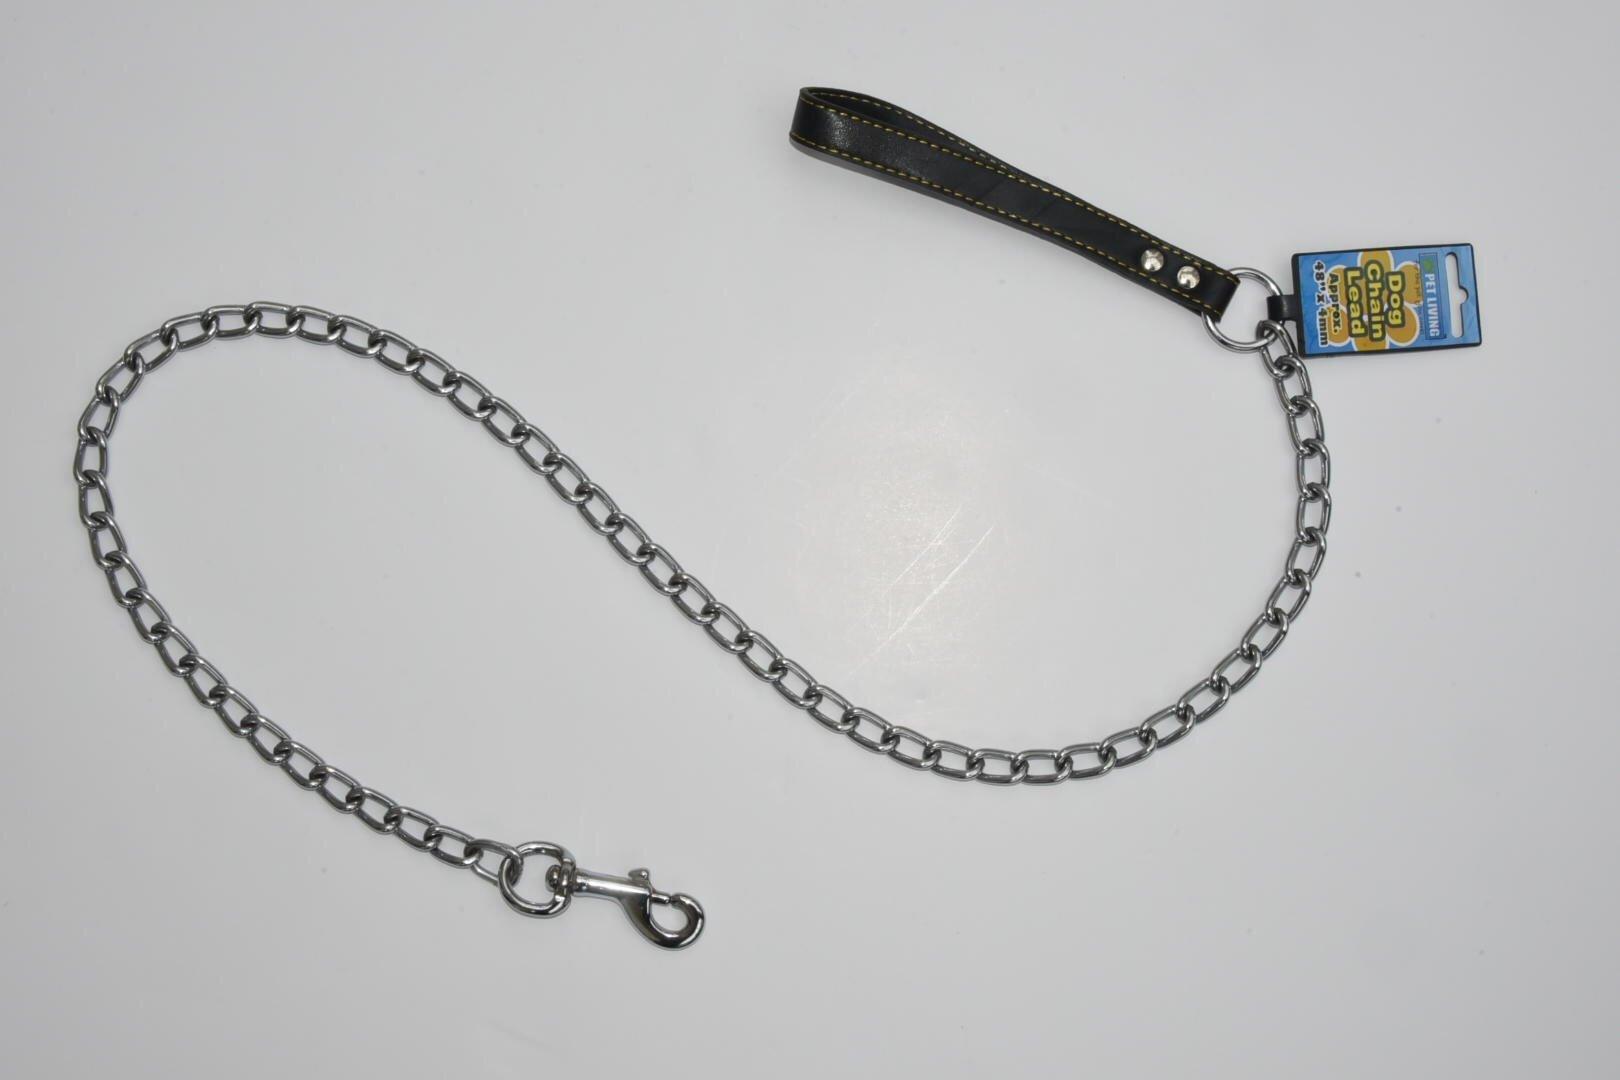 122cm (4ft) long Dog Chain Lead Heavy Duty 3mm Steel BLACK